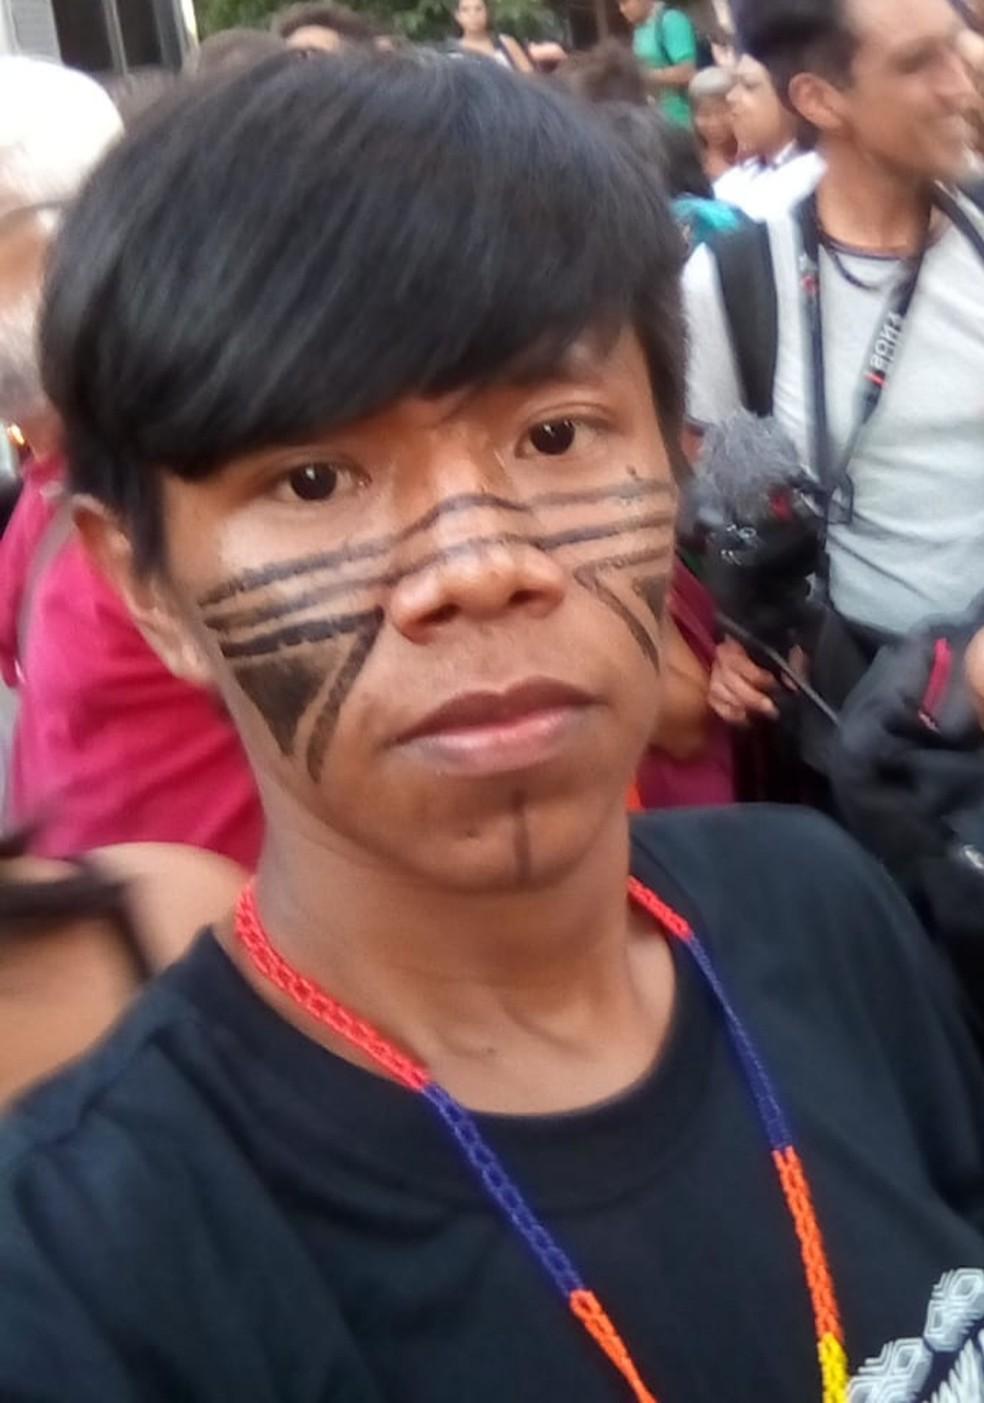 Rogério relata as dificuldades em ser indígena e gay dentro e fora das aldeias  — Foto: Arquivo pessoal